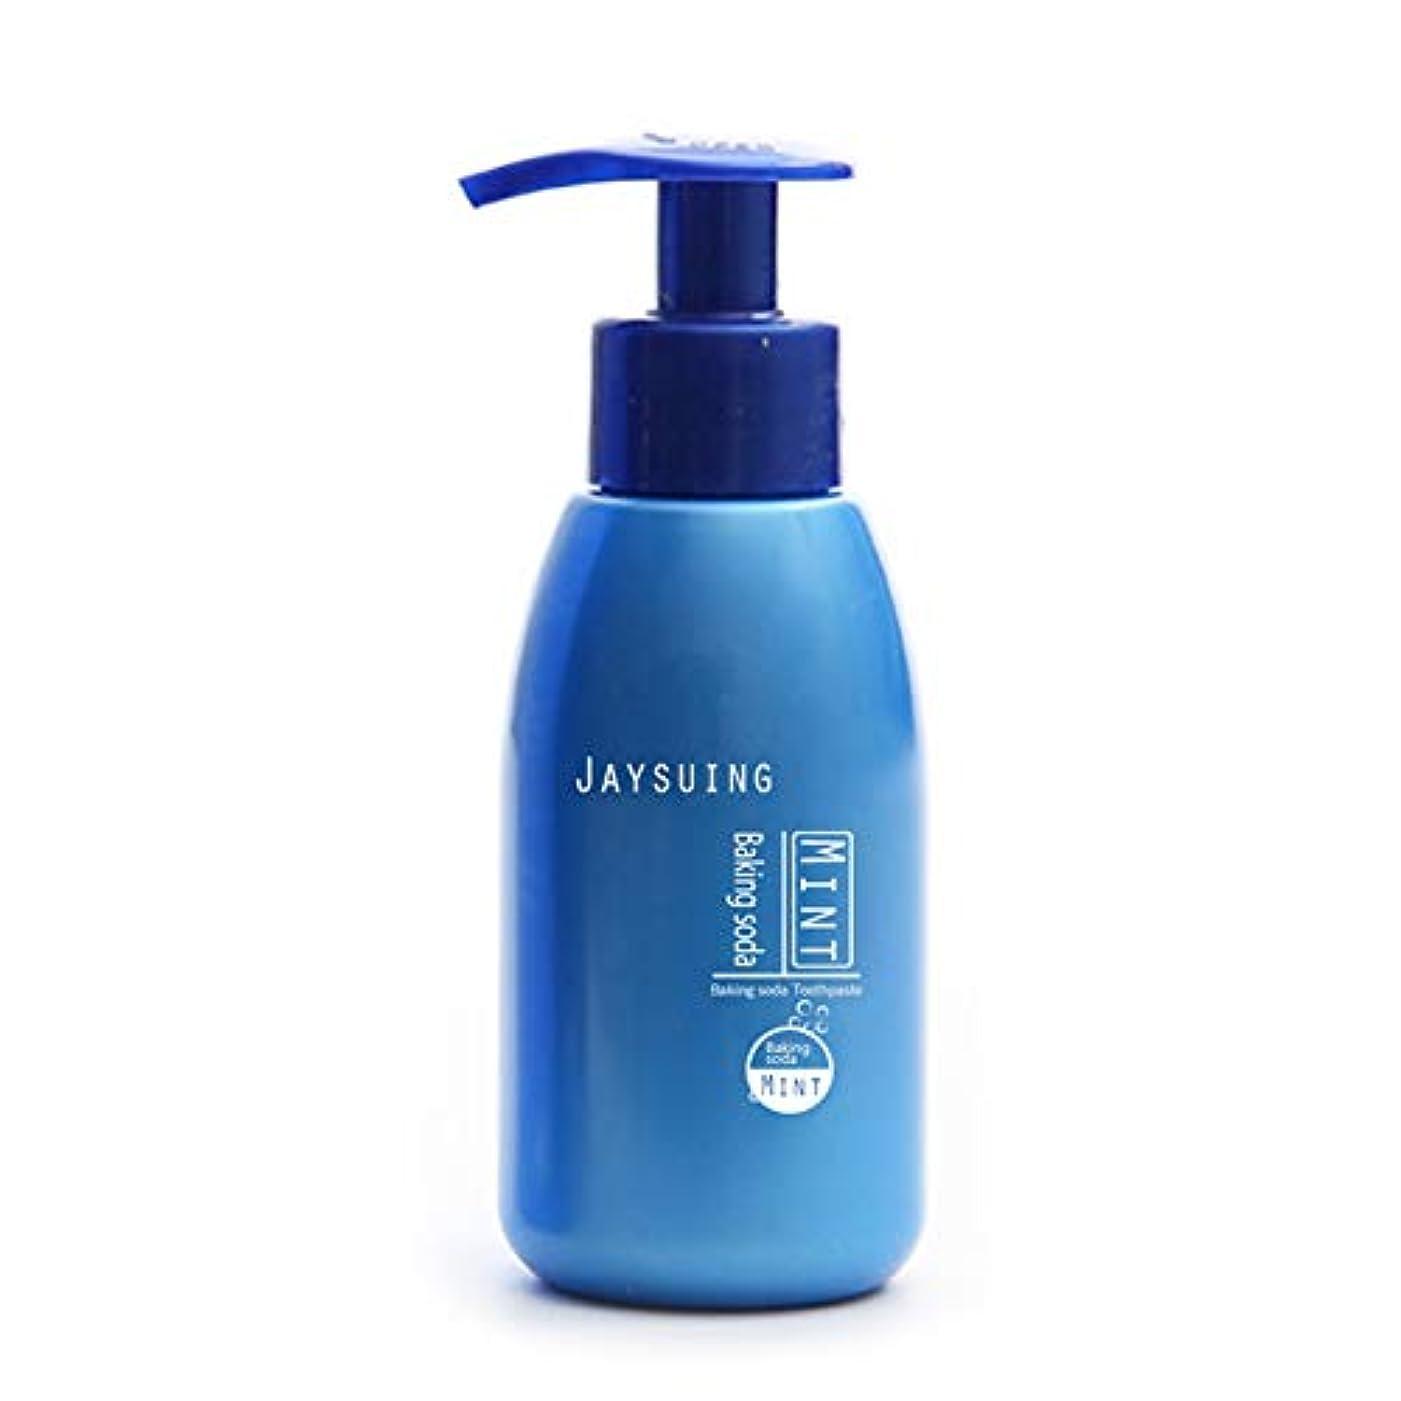 ベールに取り付けProfeel歯磨き粉アンチブリードガムプレスタイプ新鮮な歯磨き粉を白くする汚れ除去剤